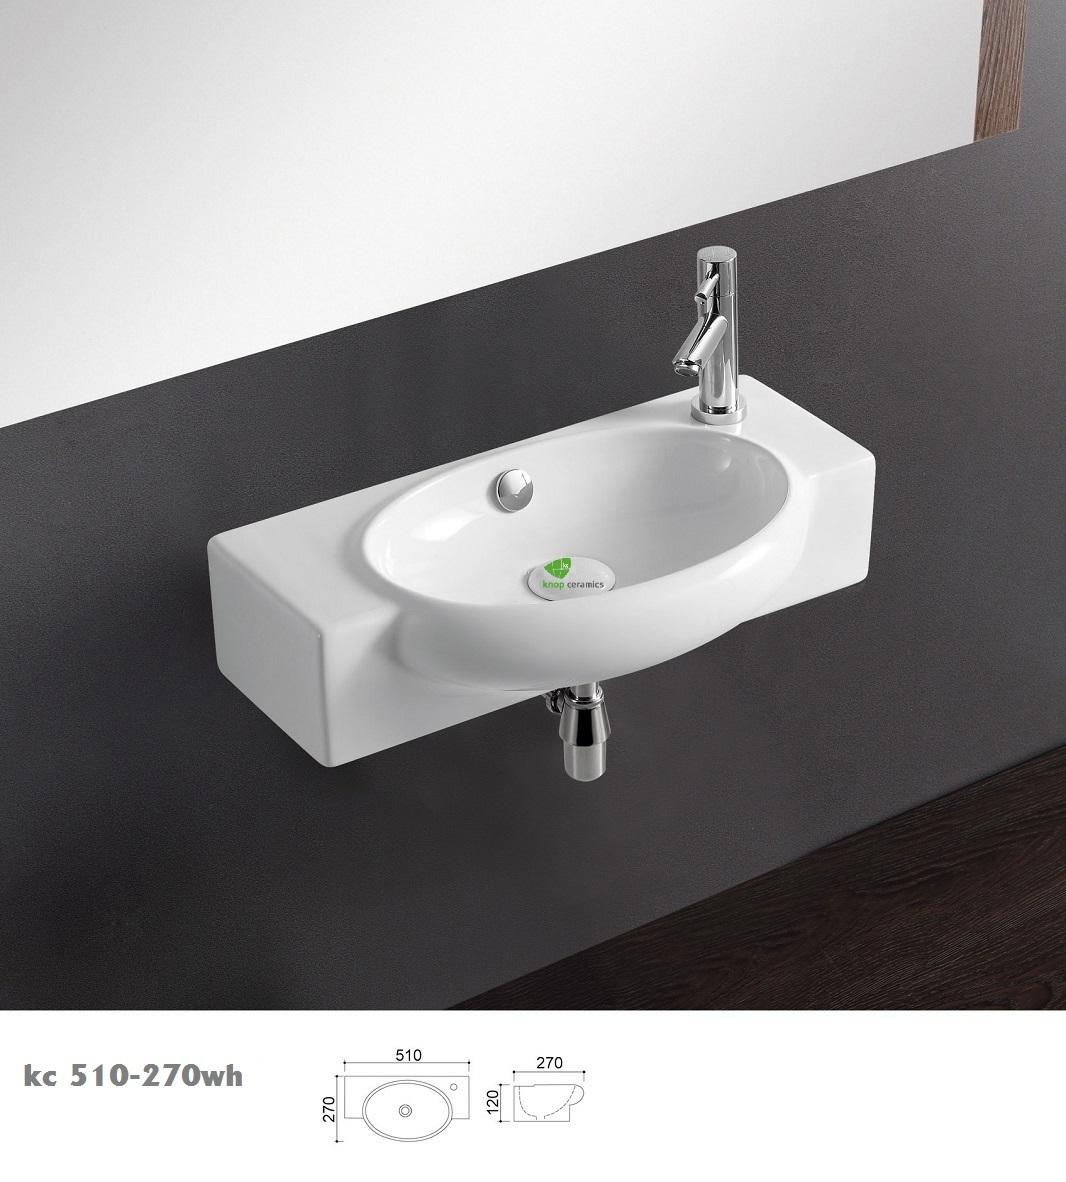 waschbecken waschsch ssel waschschale waschtisch nano lotus effekt auch g ste wc ebay. Black Bedroom Furniture Sets. Home Design Ideas